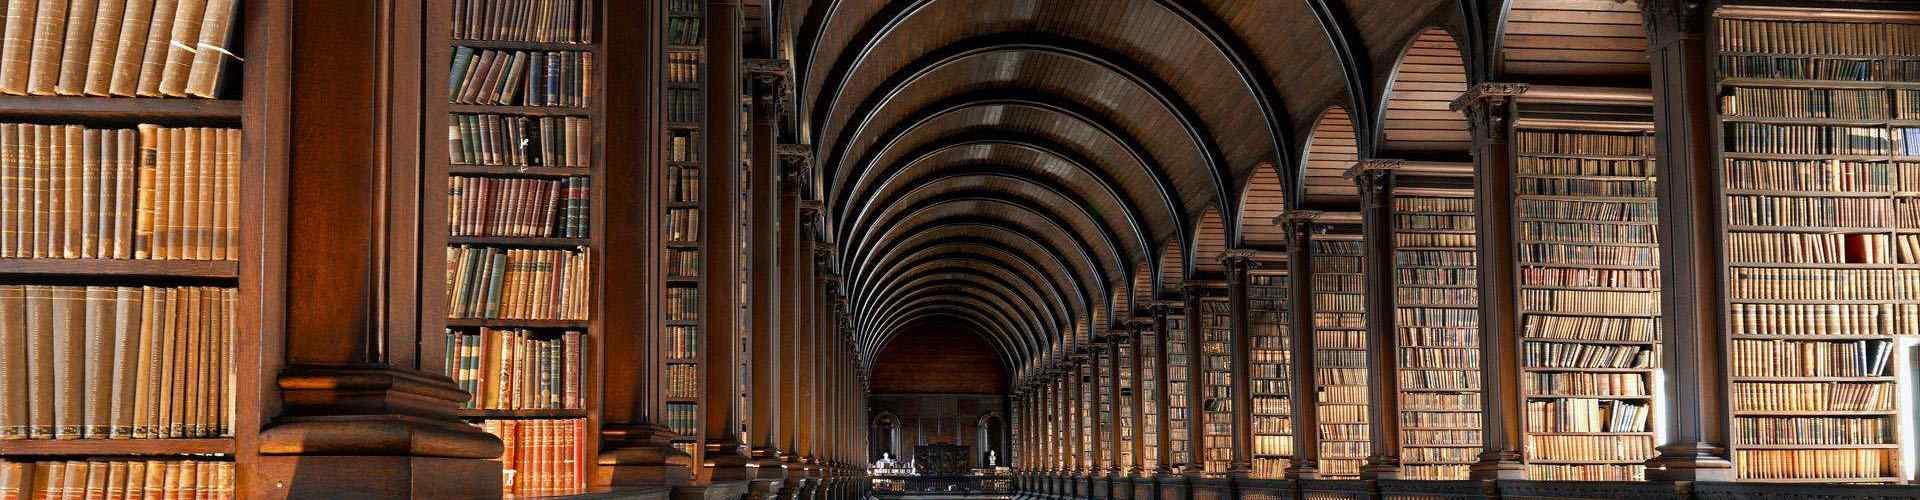 图书馆_图书馆图片壁纸_最美图书馆壁纸_图书馆美女壁纸_壁纸图片